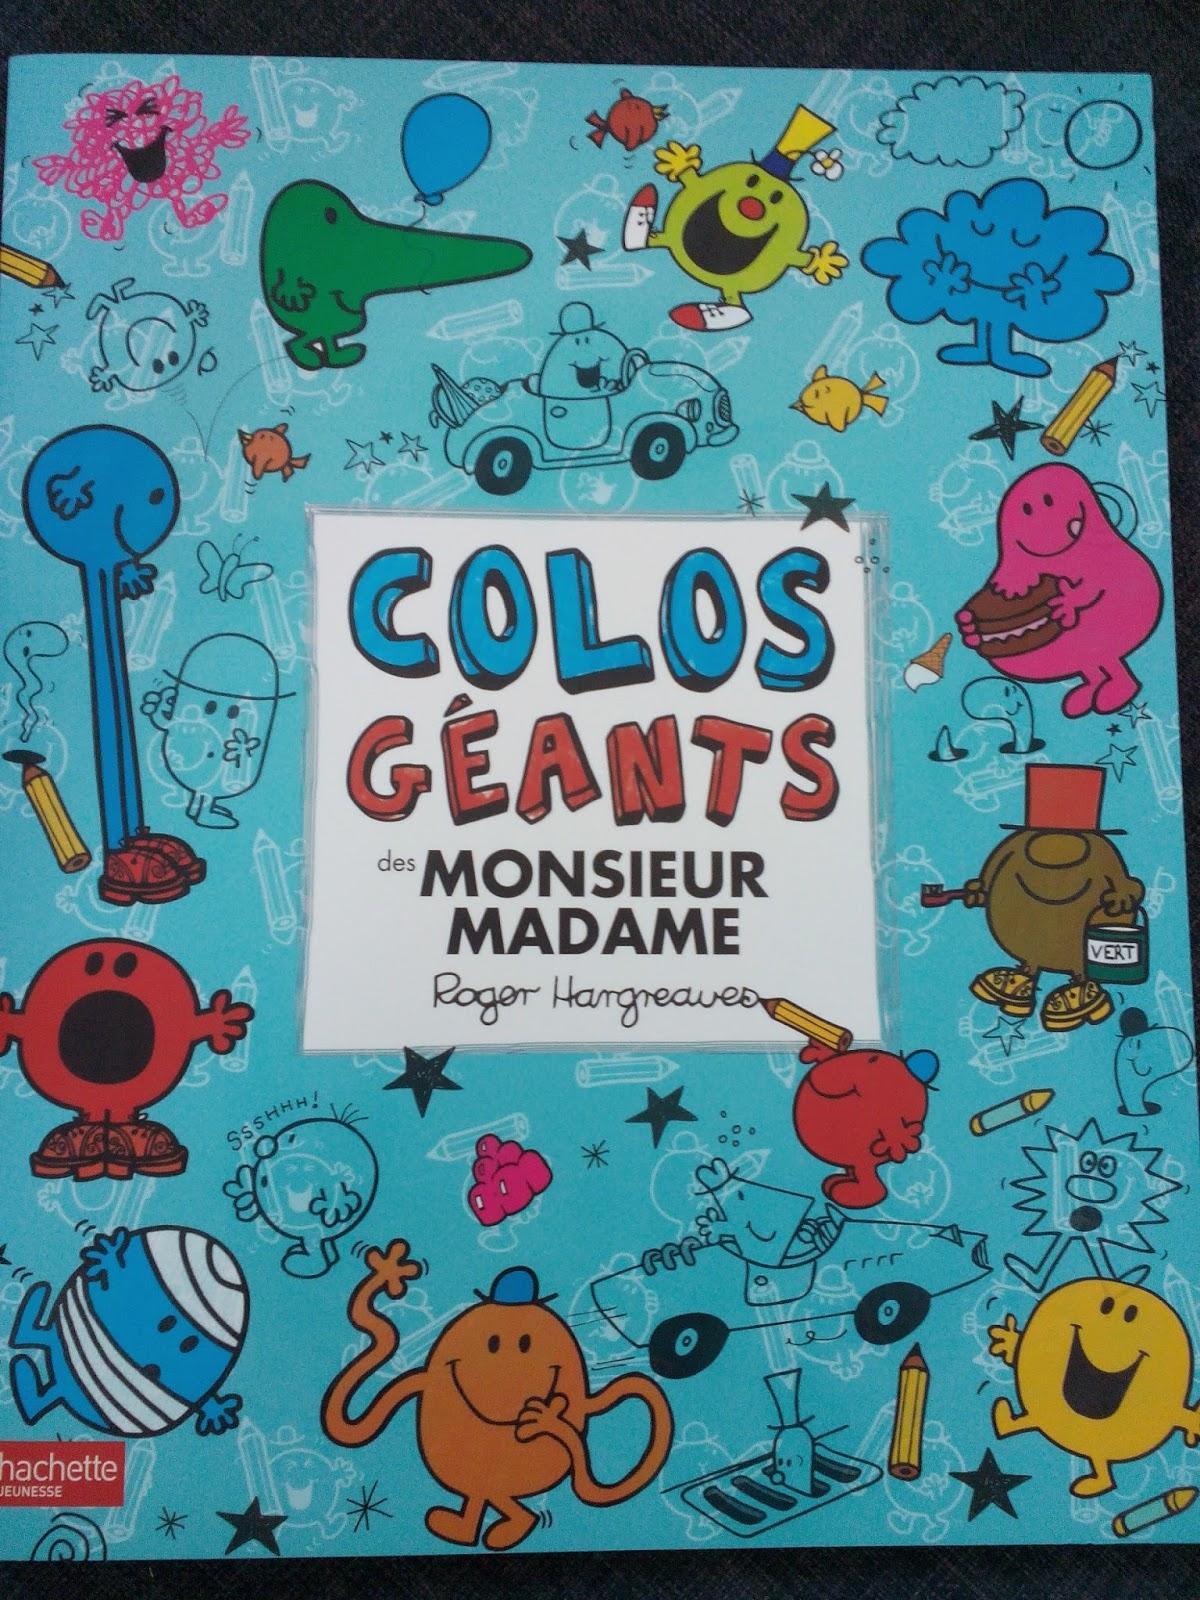 Coloriage Geant Chevalier.Sous Le Feuillage Colos Geants Des Monsieur Madame Ou Est Charlie